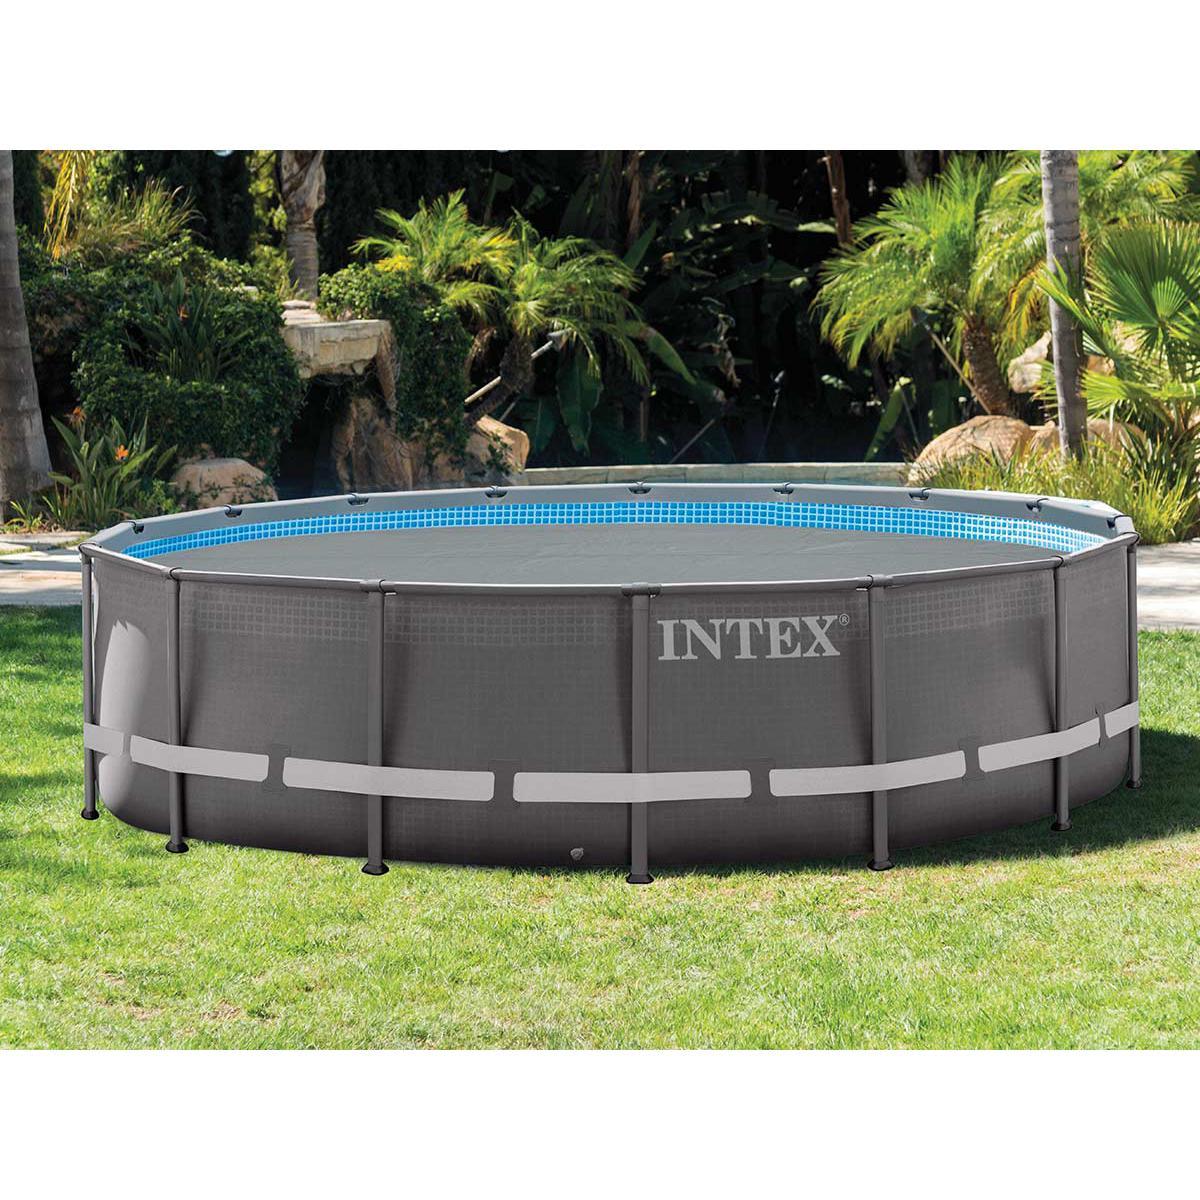 Intex Bâche à bulles renforcée pour piscine Ø 5,49 m - Intex